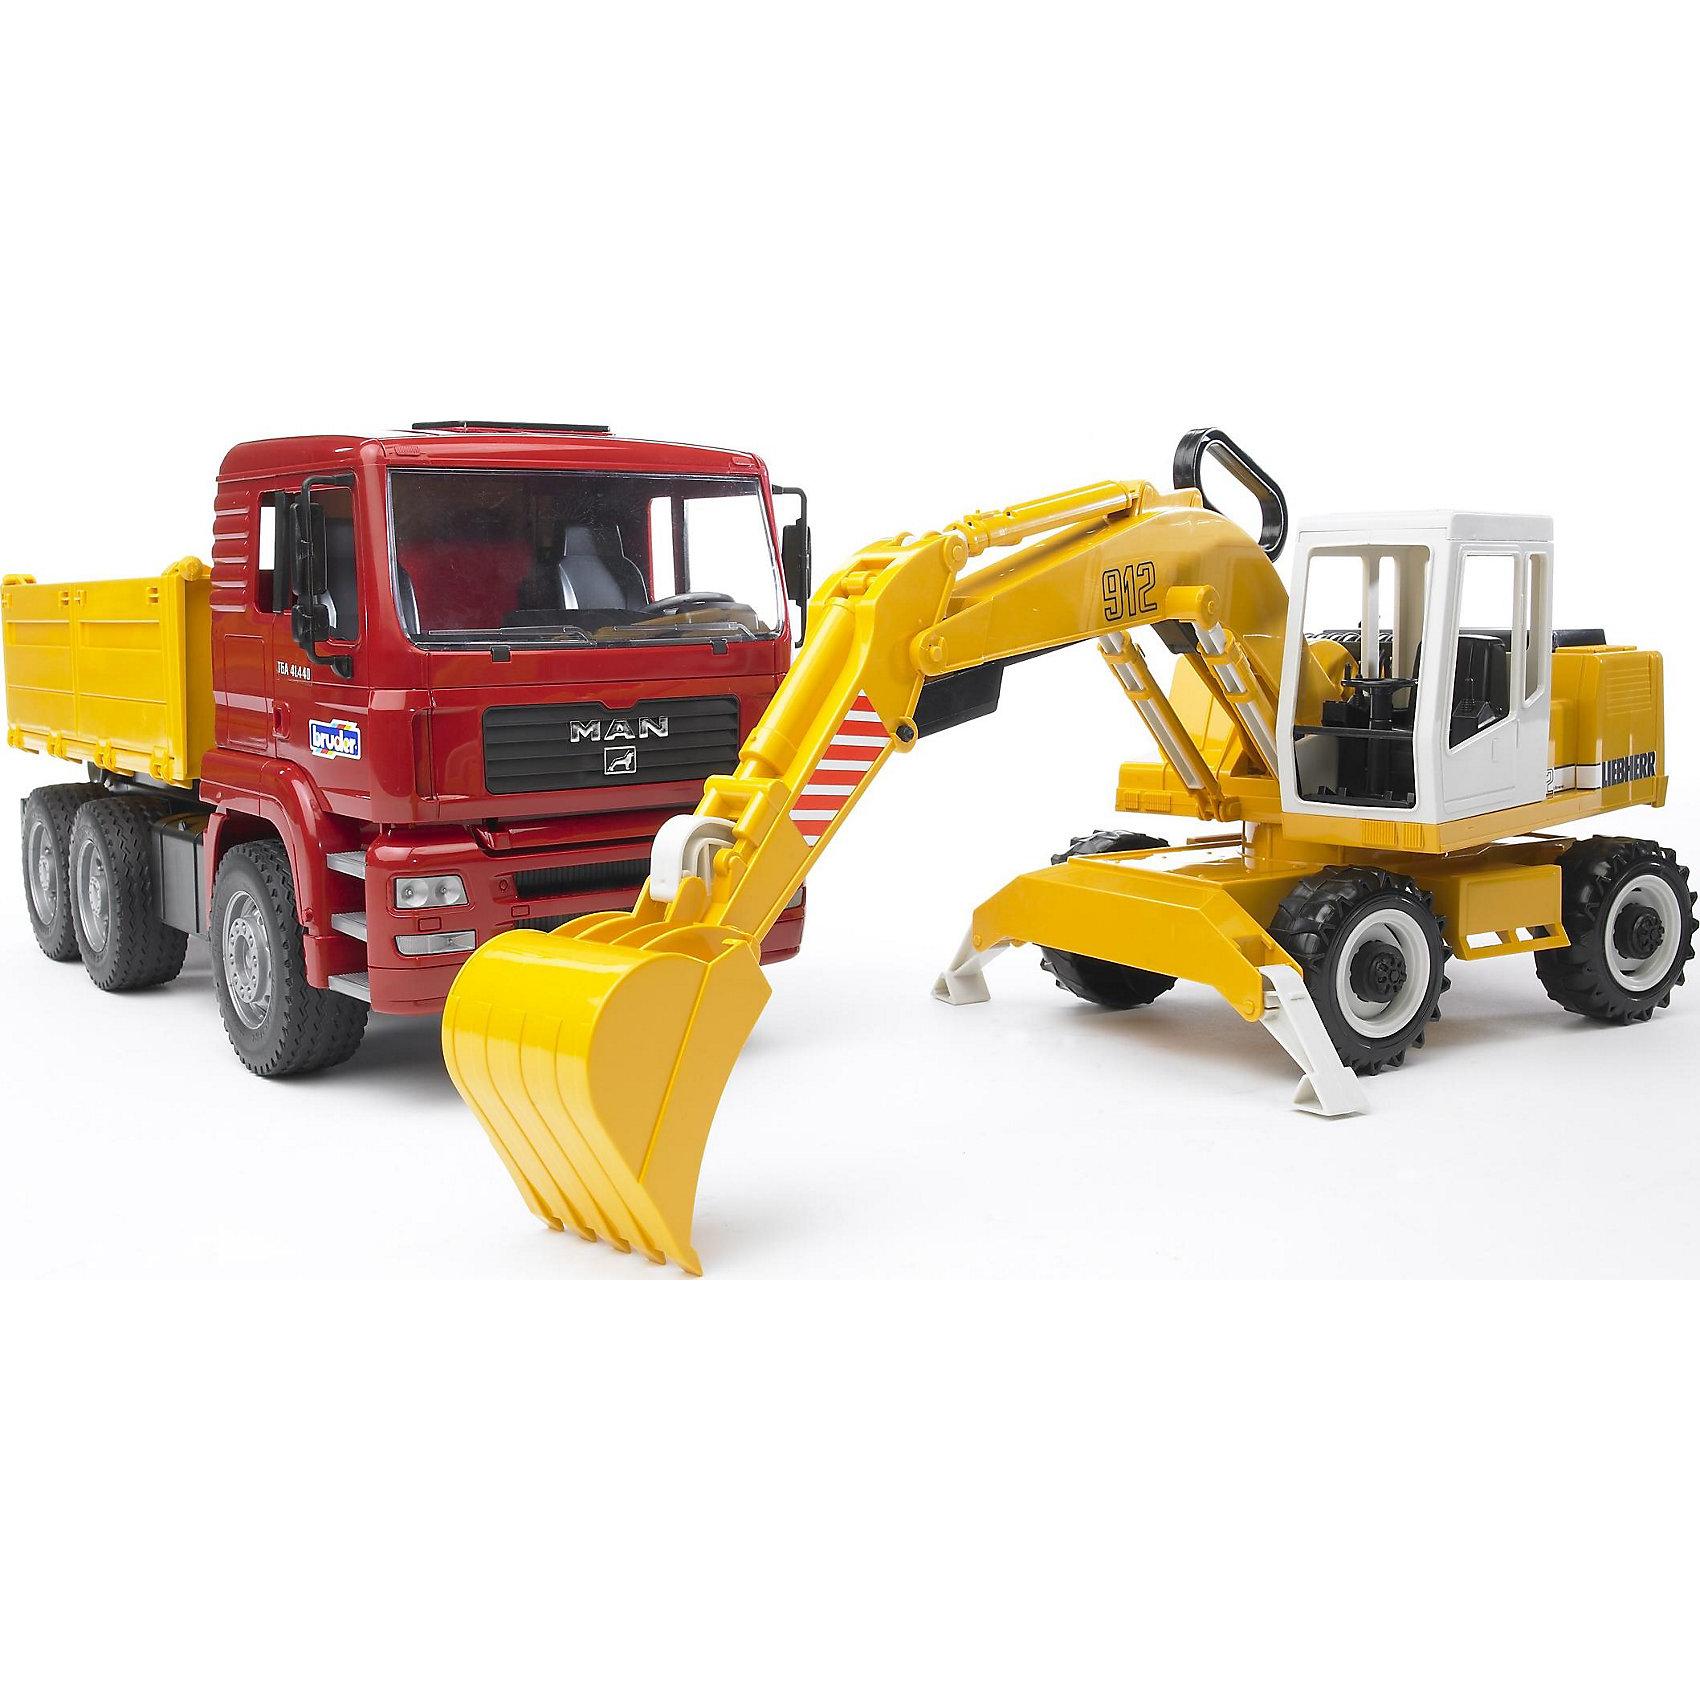 Самосвал MAN с колёсным экскаватором Liebherr, BruderМашинки<br>Самосвал MAN (Ман) с колёсным экскаватором Liebherr (Либхерр), Bruder (Брудер) – это отличный набор для маленького строителя, с которым может получиться самая настоящая строительная площадка! У самосвала откидываются водительская кабина, непосредственно сам кузов и все его три борта, складываются боковые зеркала, а также вращается рулевое колесо. Экскаватор имеет подвижную платформу (на 360 градусов), две устойчивые опоры и выдвижную телескопическую стрелу, управление которой происходит с помощью удобного рычага на стреле. Этим же рычагом двигается ковш экскаватора, который может совершать зачерпывающее движение под углом 90 градусов.<br><br>Комплектация: самосвал, экскаватор<br><br>Характеристики:<br>-Кабина самосвала наклоняется, фиксируется в нескольких положениях, поворачивается на 360 градусов<br>-Колеса прорезинены<br>-Стрела экскаватора поднимается и опускается<br>-Ковш может распрямляться и делать зачерпывающие движения<br>-Благодаря двум опорам экскаватор устойчиво стоит на поверхности<br>-Откидные борты с трех сторон кузова самосвала<br>-Набор подходит для сюжетно-ролевых игр дома и в песочнице<br>-Для более увлекательных игр спецтехника может быть оснащена световым и звуковым модулем (приобретаются отдельно)<br>-Тщательная детализация, в т. ч. внутри кабины<br><br>Дополнительная информация:<br>-Размер в упаковке: 41,5x17,5x21,5 см<br>-Вес в упаковке: 2 кг<br>-Материалы: пластик, резина, металл<br>-Размер самосвала: 17x40x20 см<br>-Размер экскаватора: 15x24x23 см<br><br>Юный строитель будет просто в восторге получить в подарок такой набор строительной техники! <br><br>Самосвал MAN (Ман) с колёсным экскаватором Liebherr (Либхерр), Bruder (Брудер) можно купить в нашем магазине.<br><br>Ширина мм: 730<br>Глубина мм: 226<br>Высота мм: 187<br>Вес г: 2004<br>Возраст от месяцев: 36<br>Возраст до месяцев: 96<br>Пол: Мужской<br>Возраст: Детский<br>SKU: 2071384